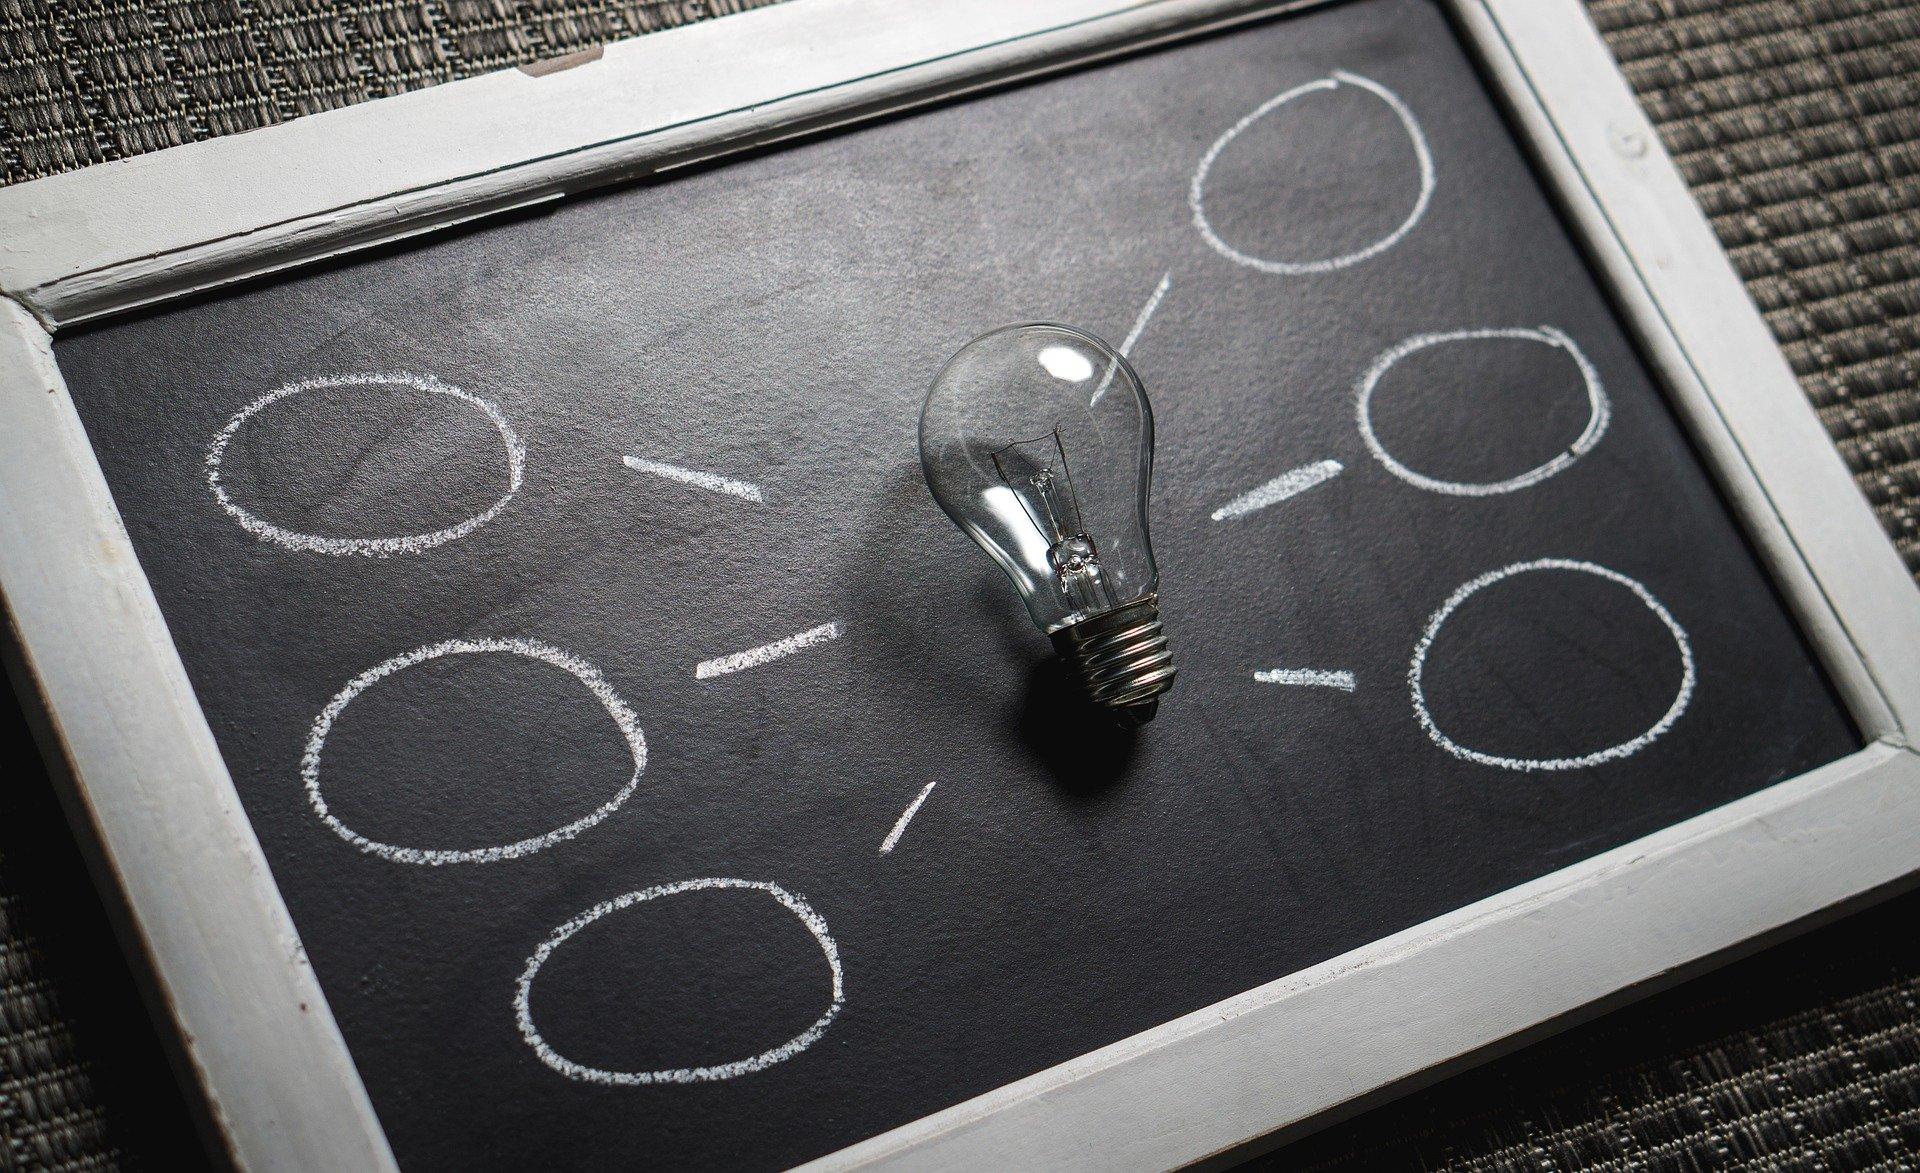 仕事で結果を出すための思考と目標設定方法